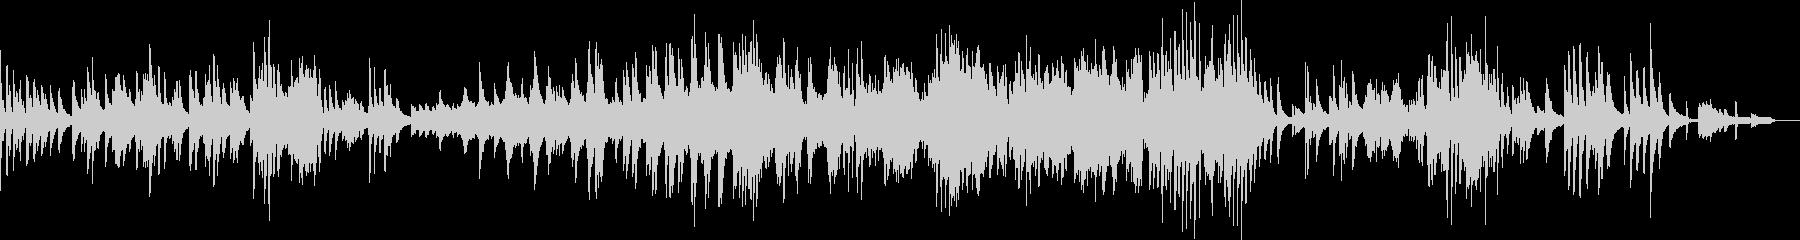 サイレントナイトのジャズピアノアレンジの未再生の波形